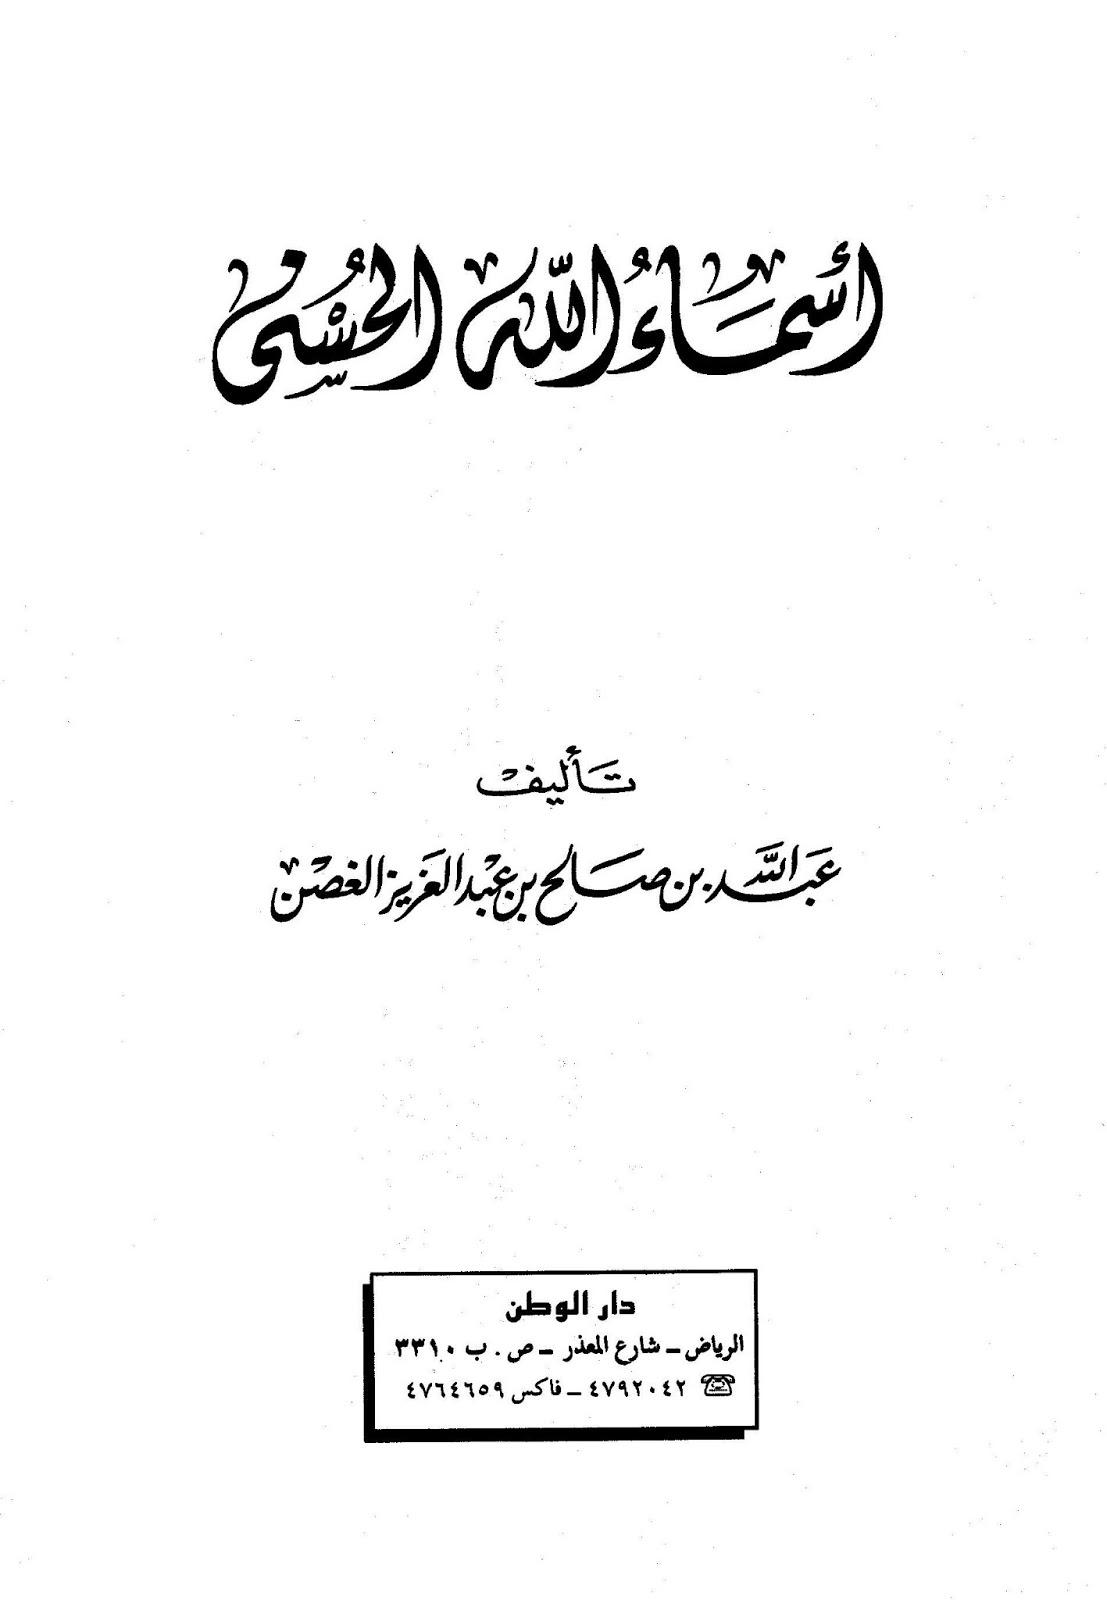 أسماء الله الحسنى - عبد الله الغصن pdf